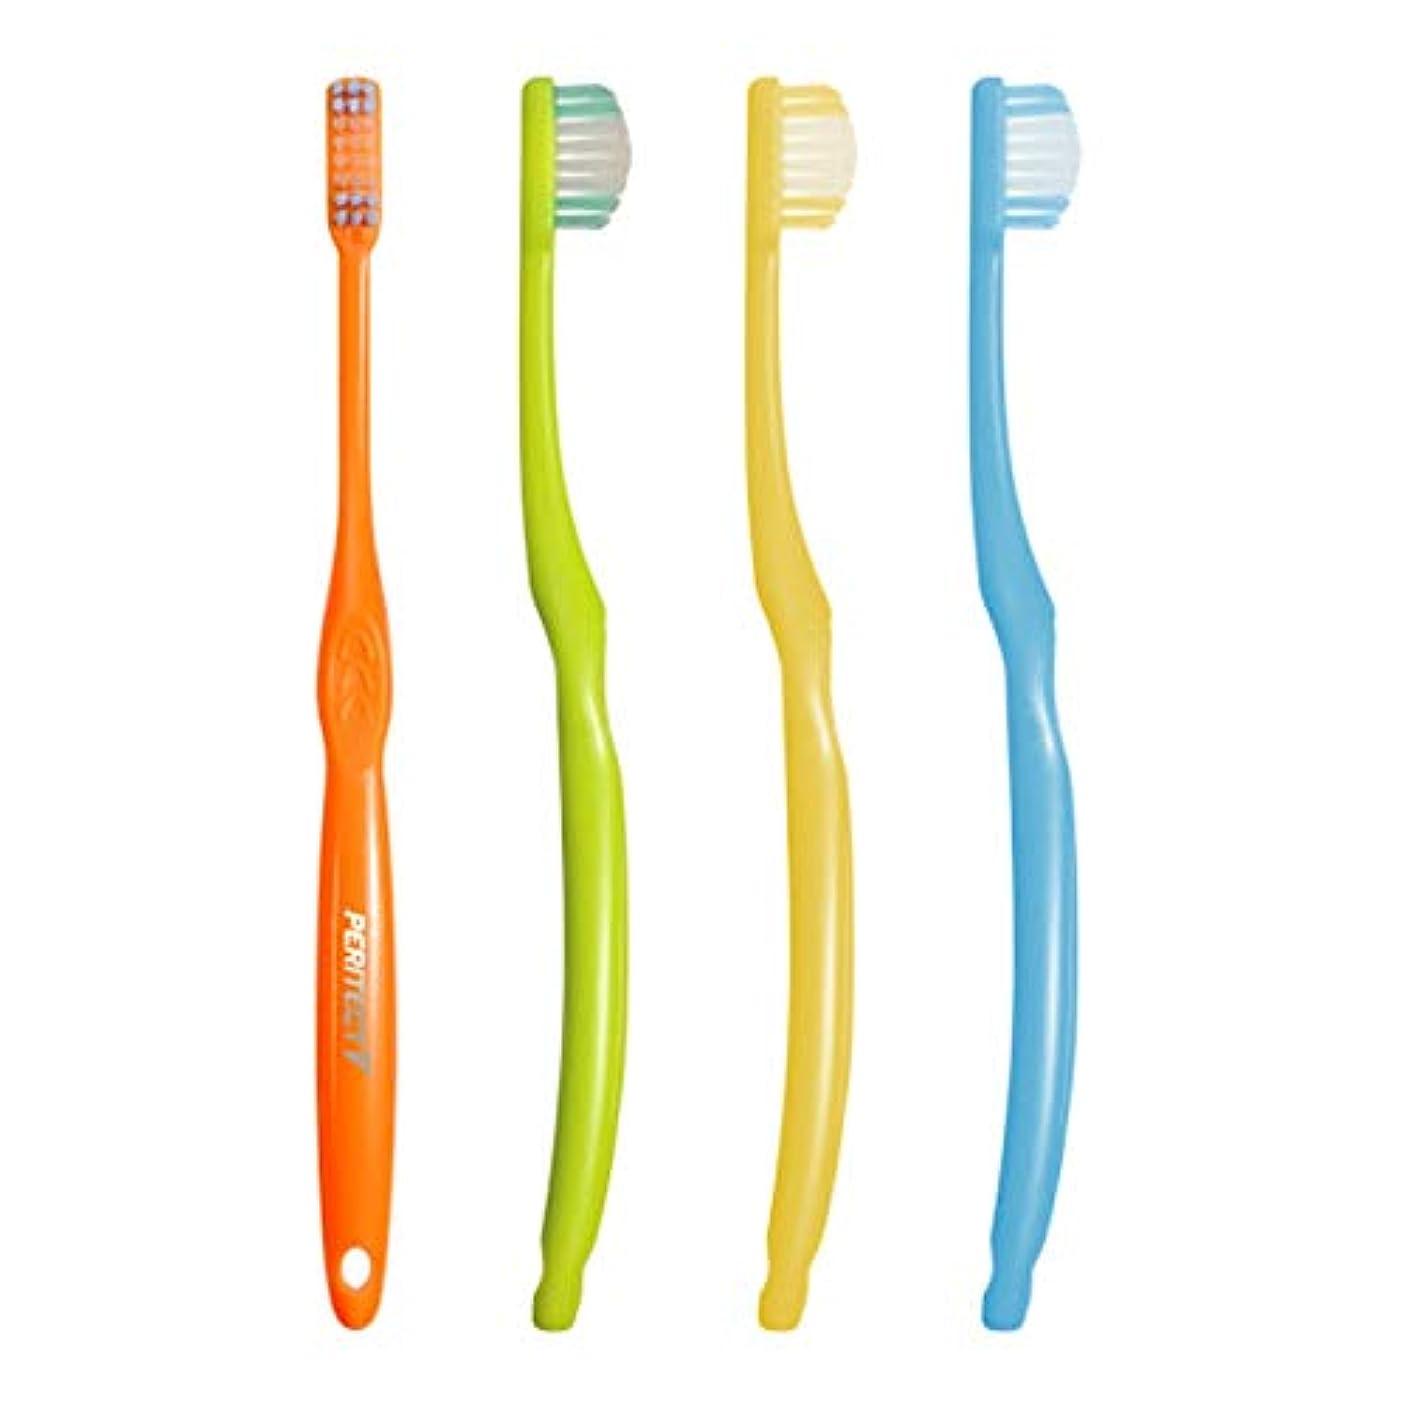 限りなくオセアニア量ビーブランド PERITECT V ペリテクト ブイ 8M(ふつう)×10本 ハブラシ 歯周病予防 歯科専売品